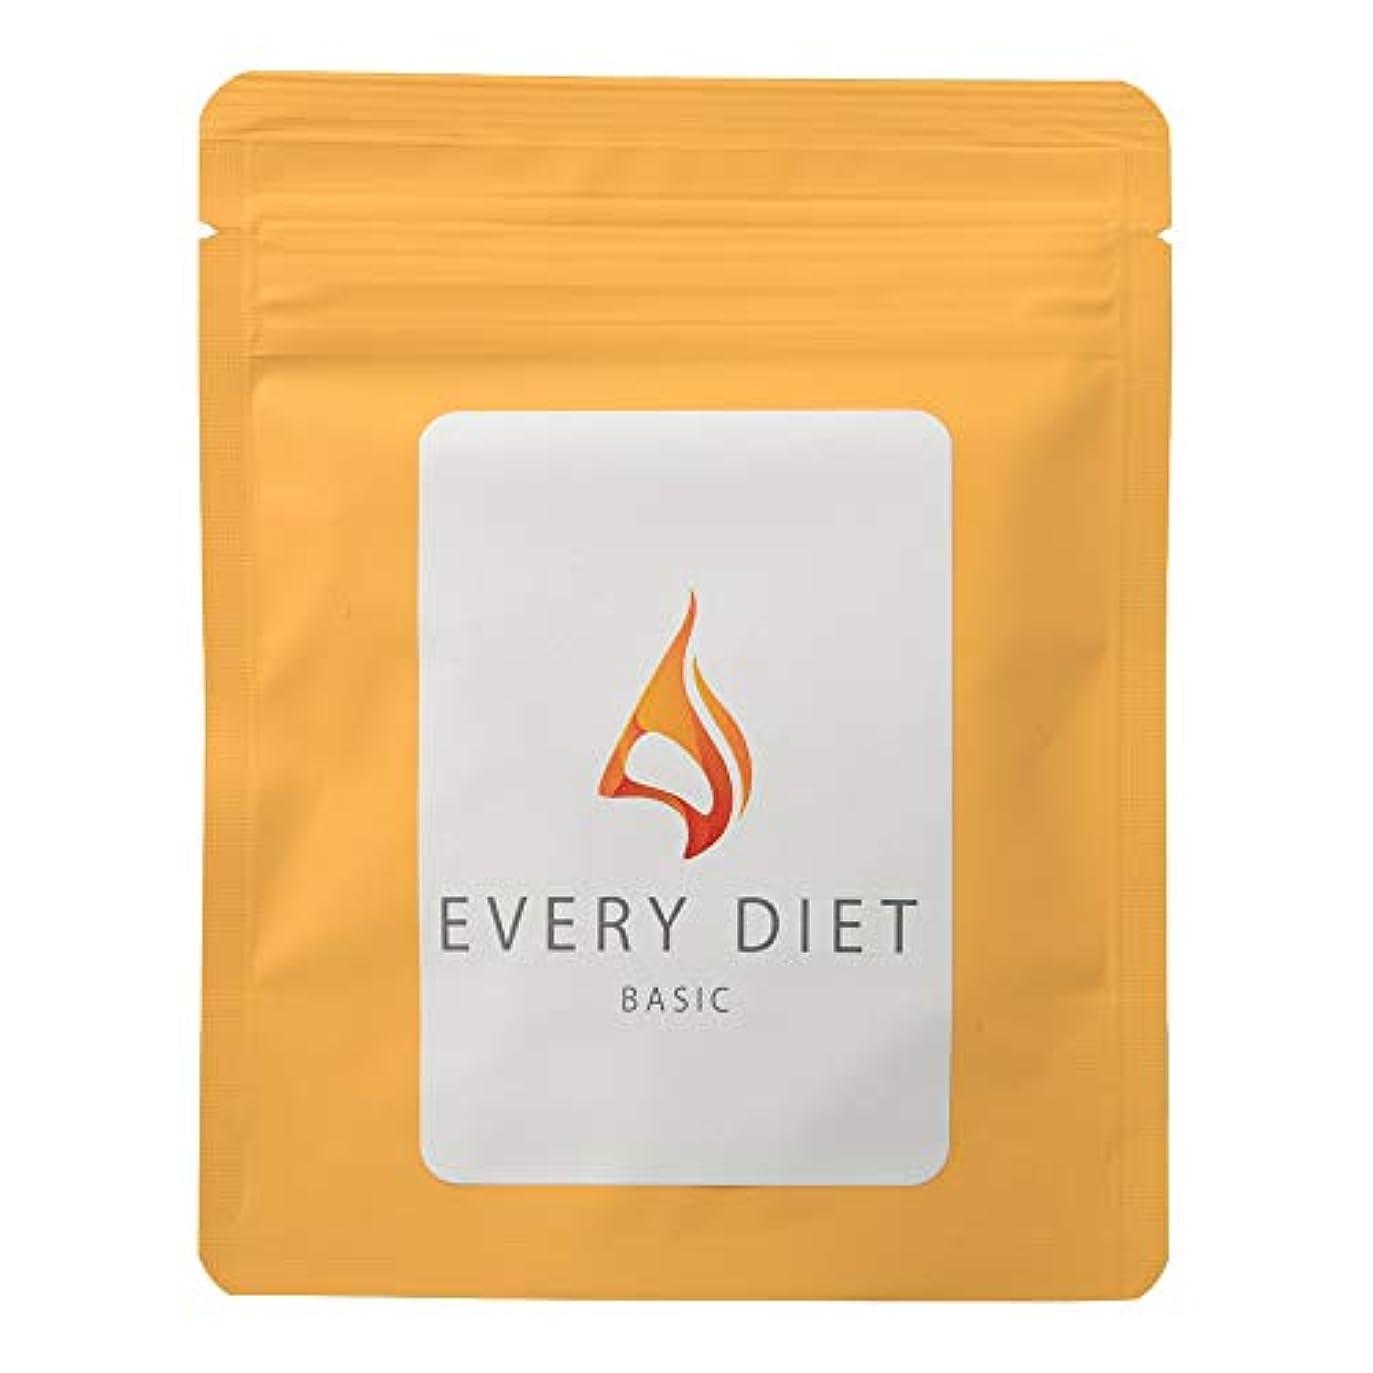 派生する安全でない中世のEvery Diet Basic (エブリダイエット ベーシック) ダイエット サプリメント [内容量60粒/ 説明書付き]